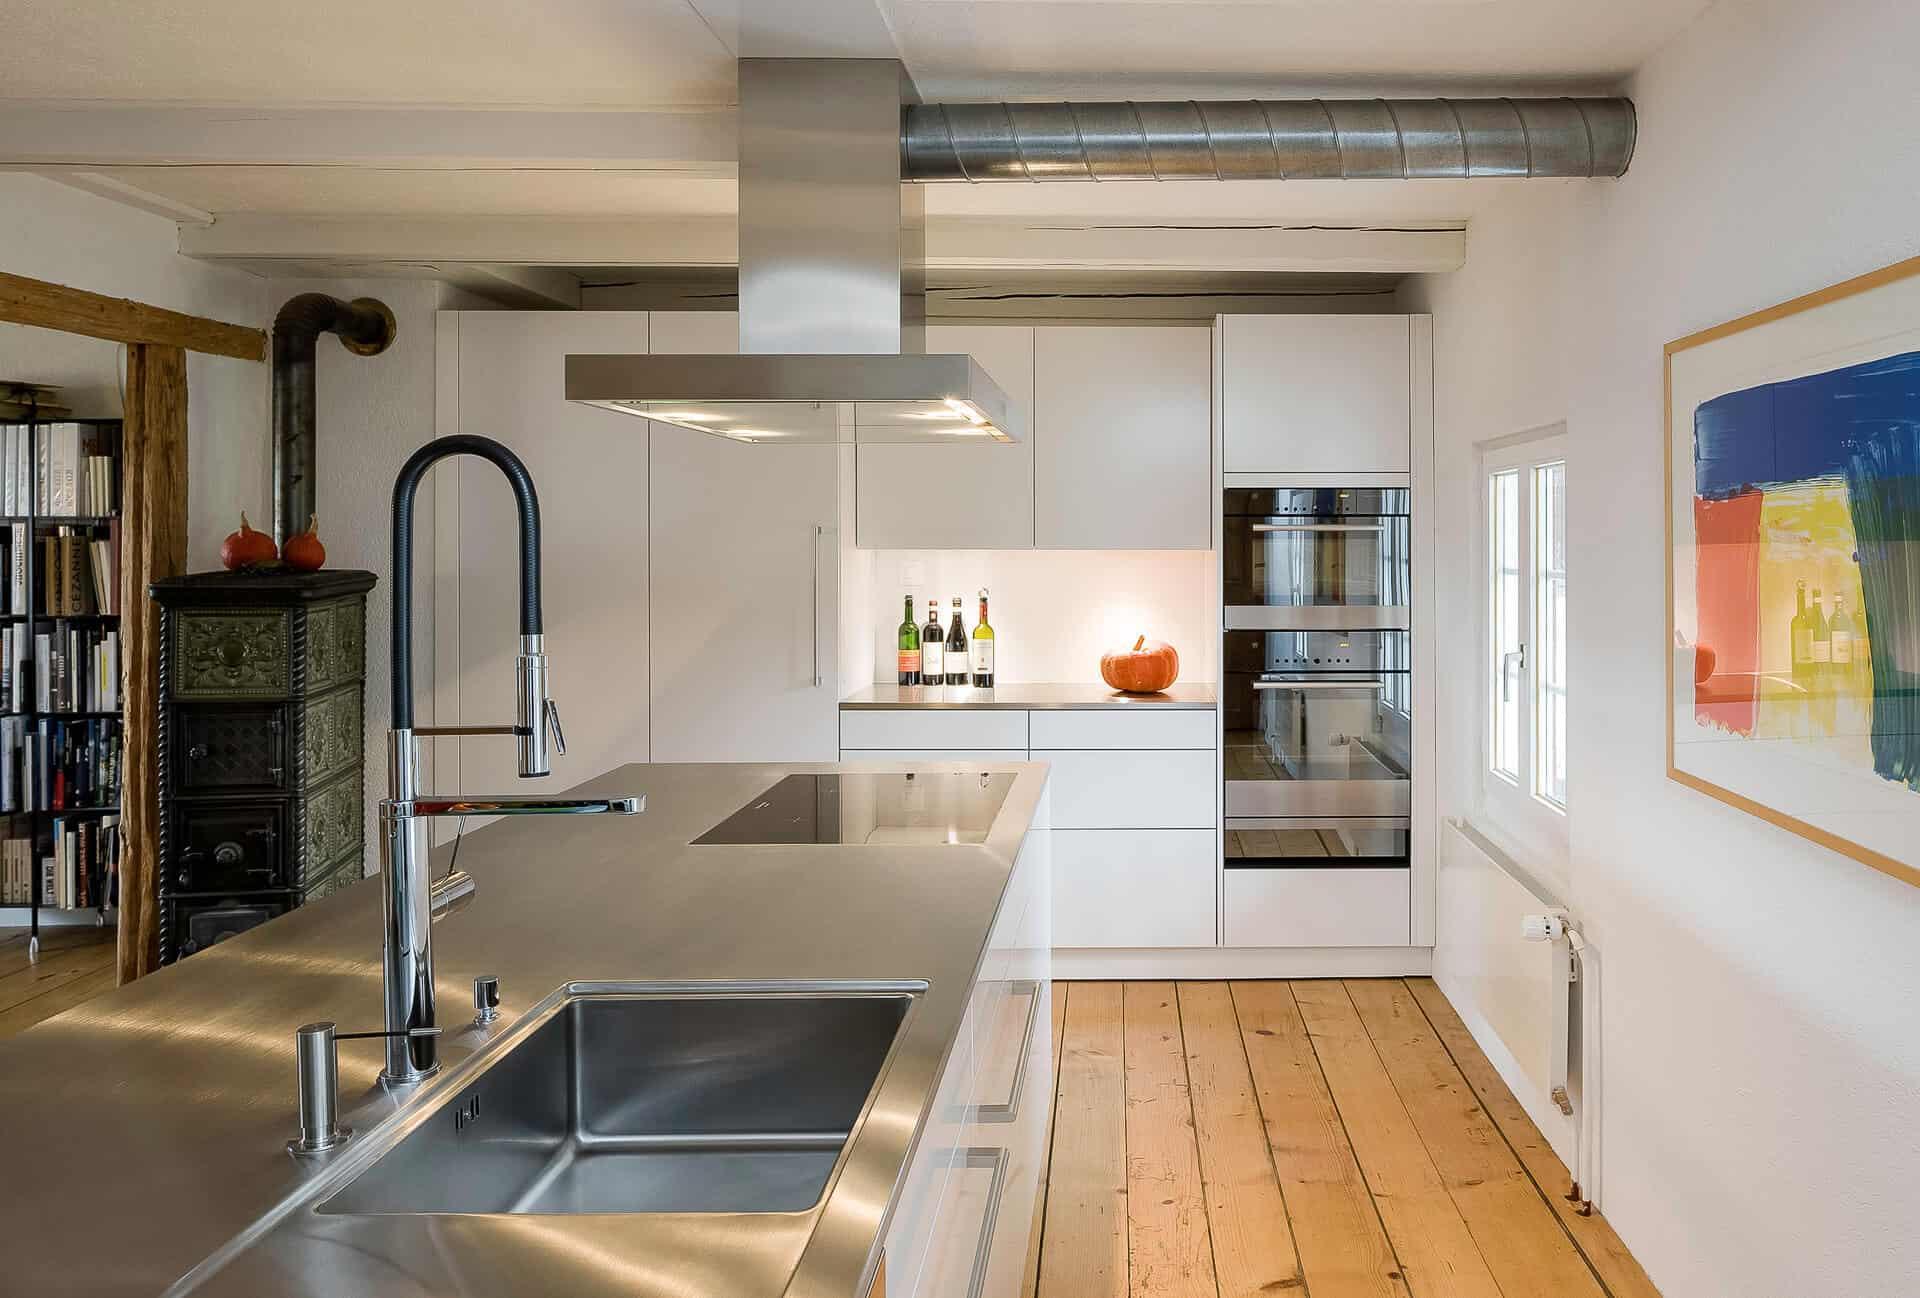 Kücheninsel aus Stahl mit Dunstabzugshaube